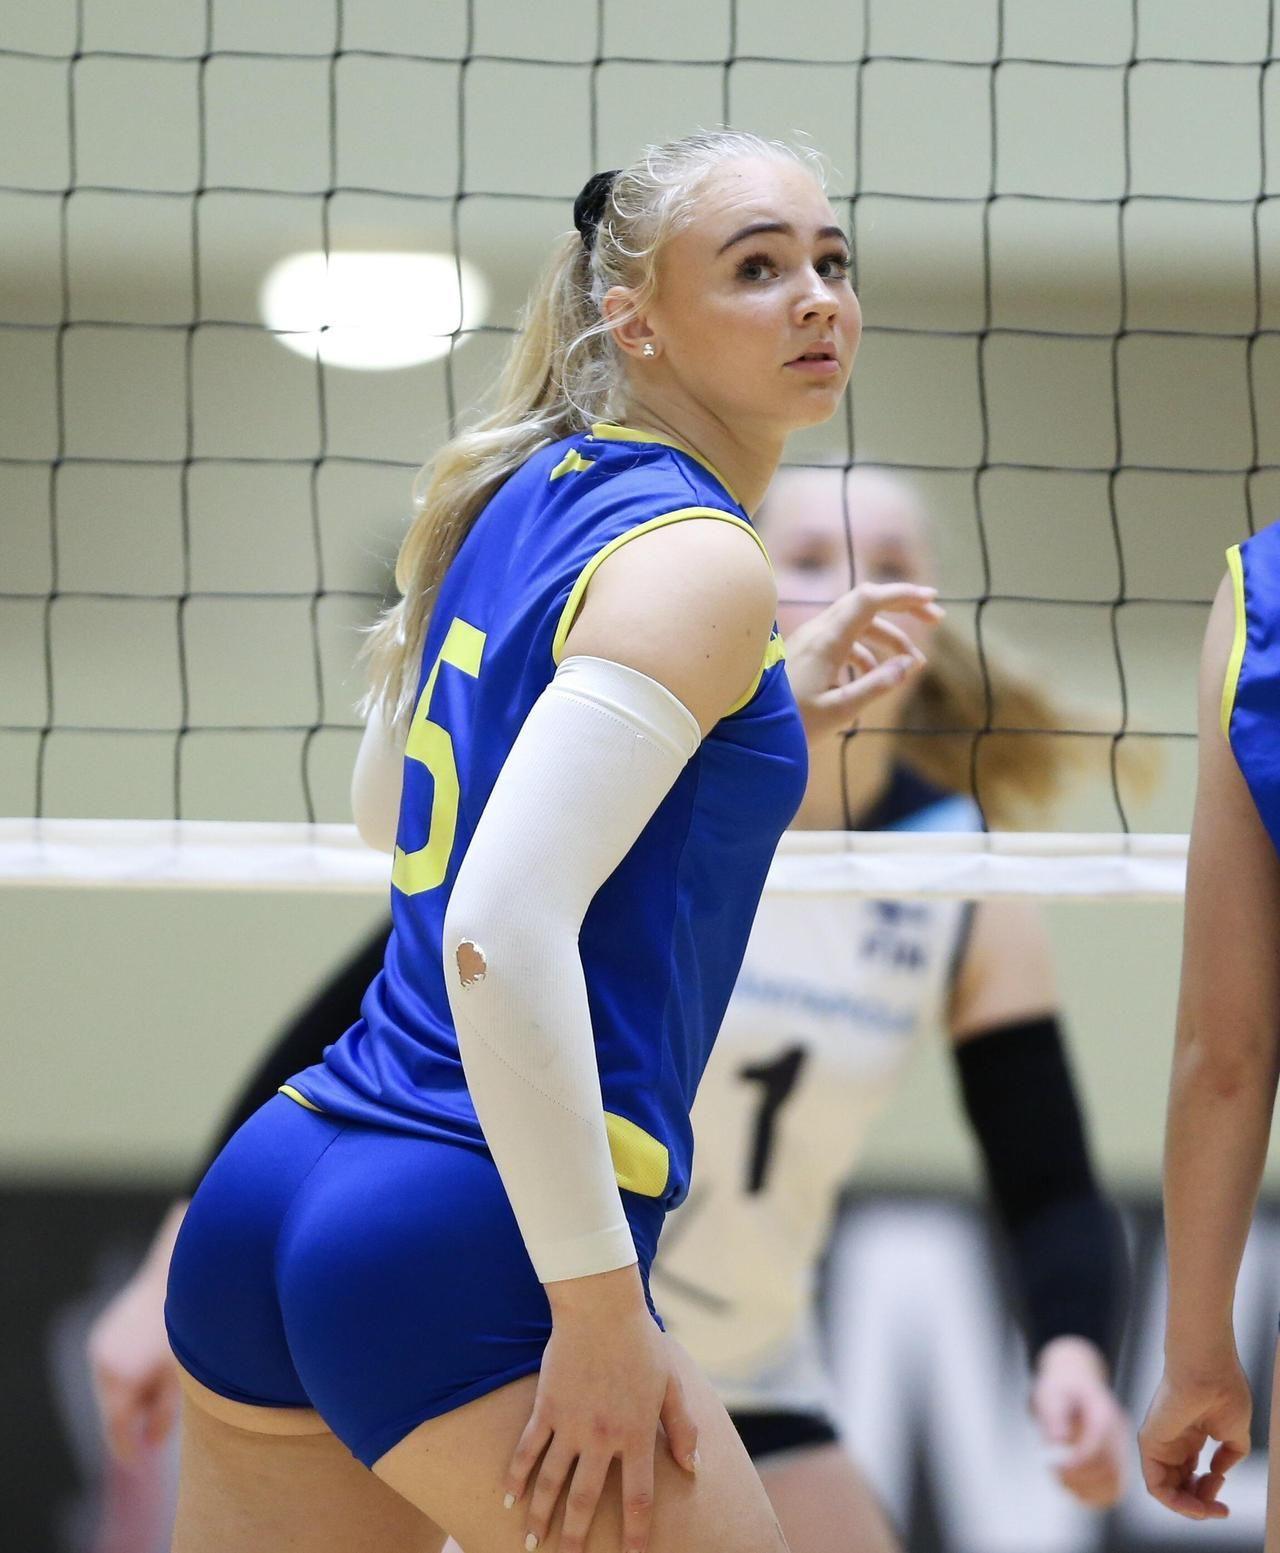 Pin On Female Athletes